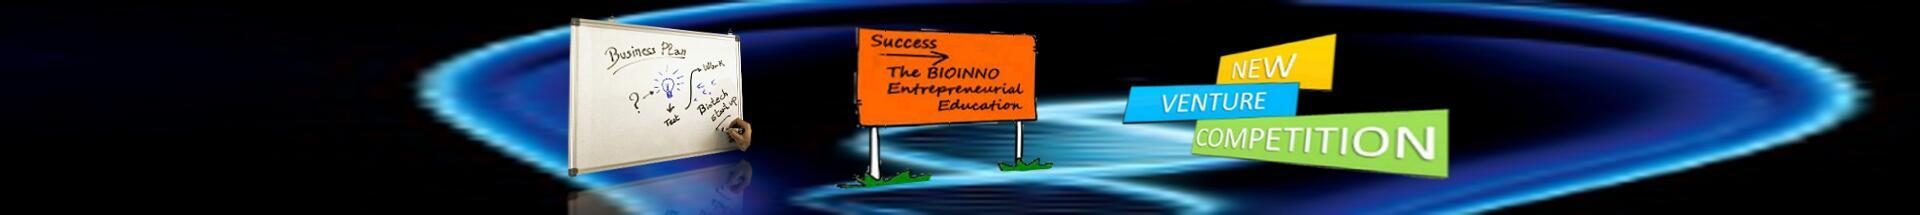 Cover photo for EU BioINNO Project